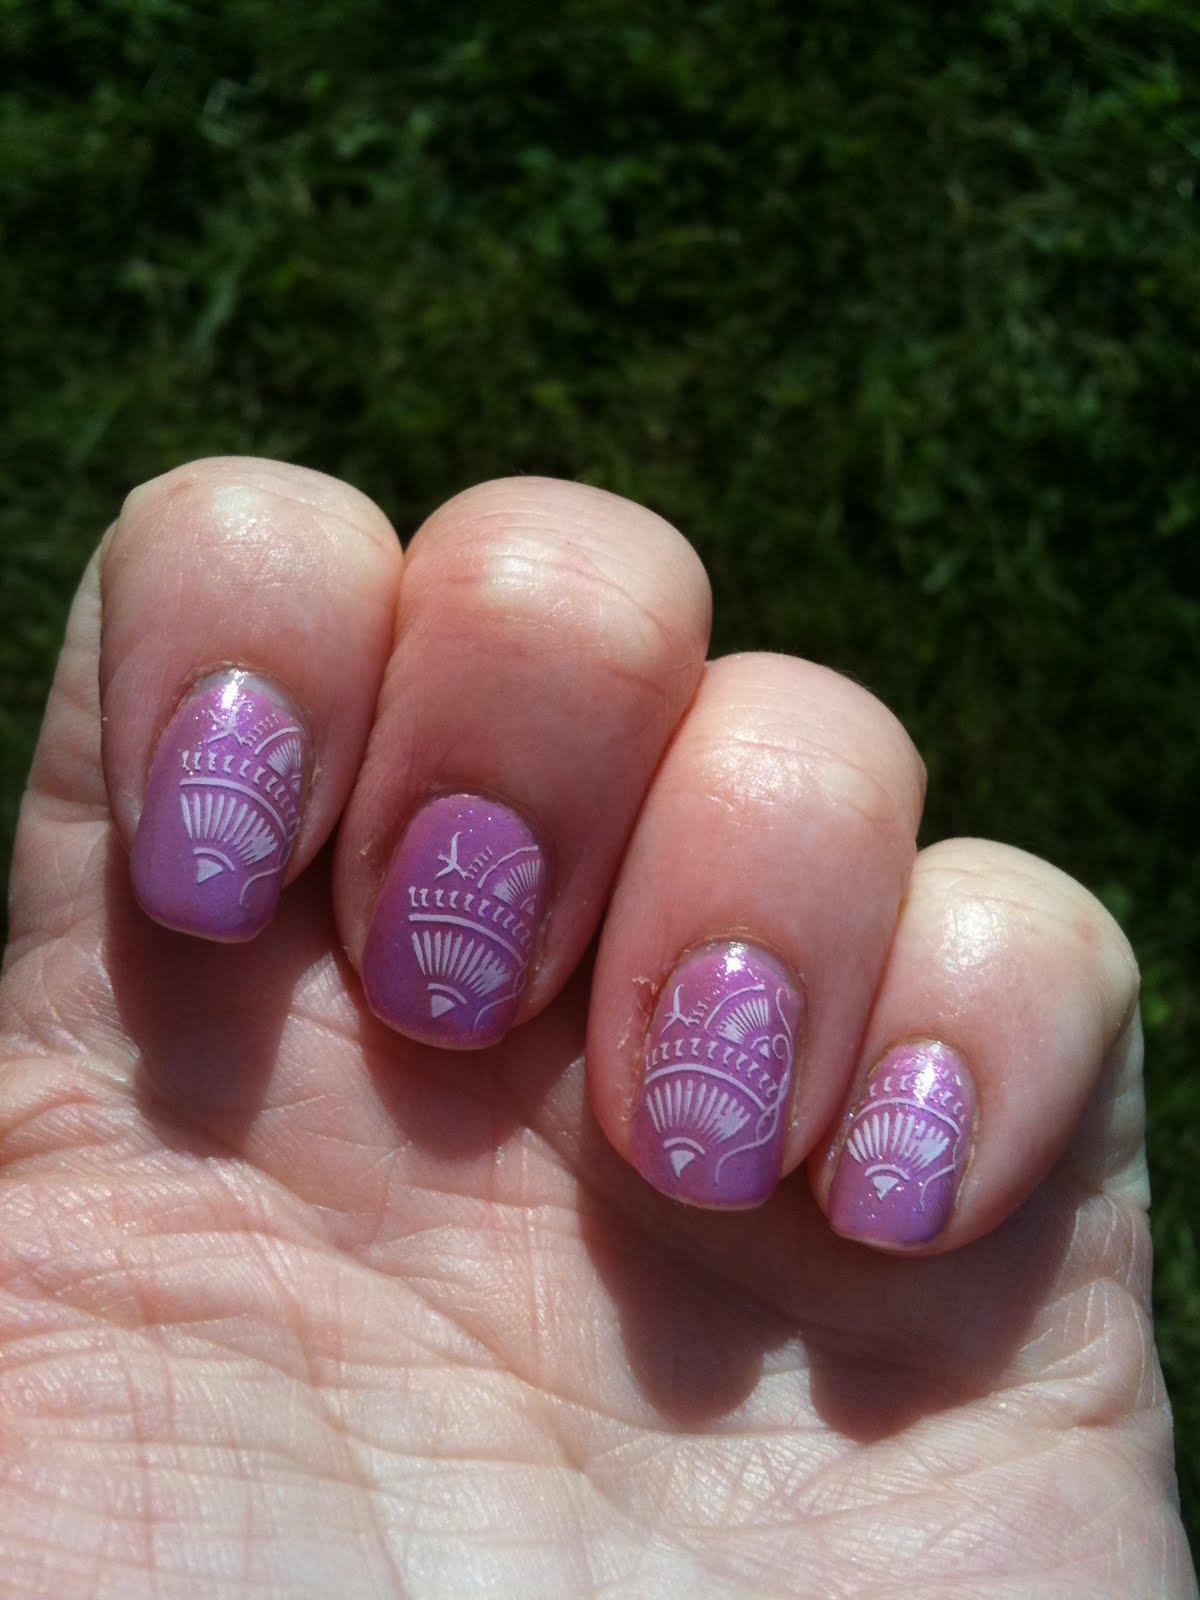 My Nail Polish Obsession My Birthday Nails: Canadian Nail Fanatic: My Vacation Nails